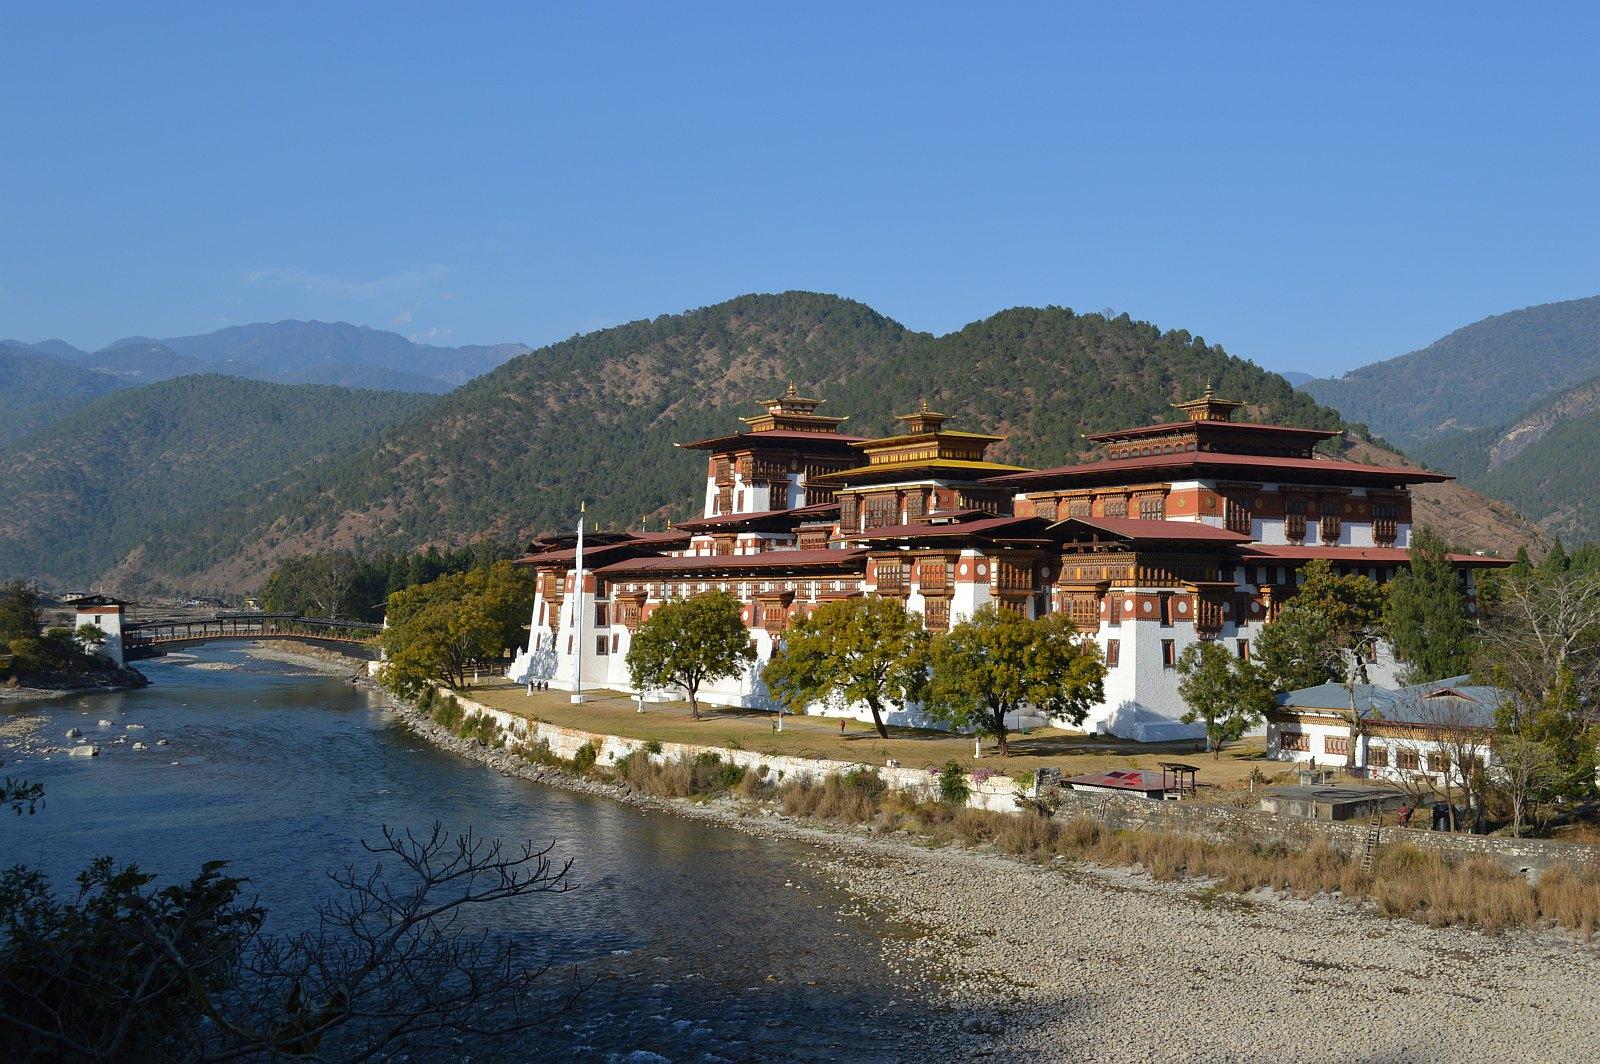 Reisebericht Bhutan